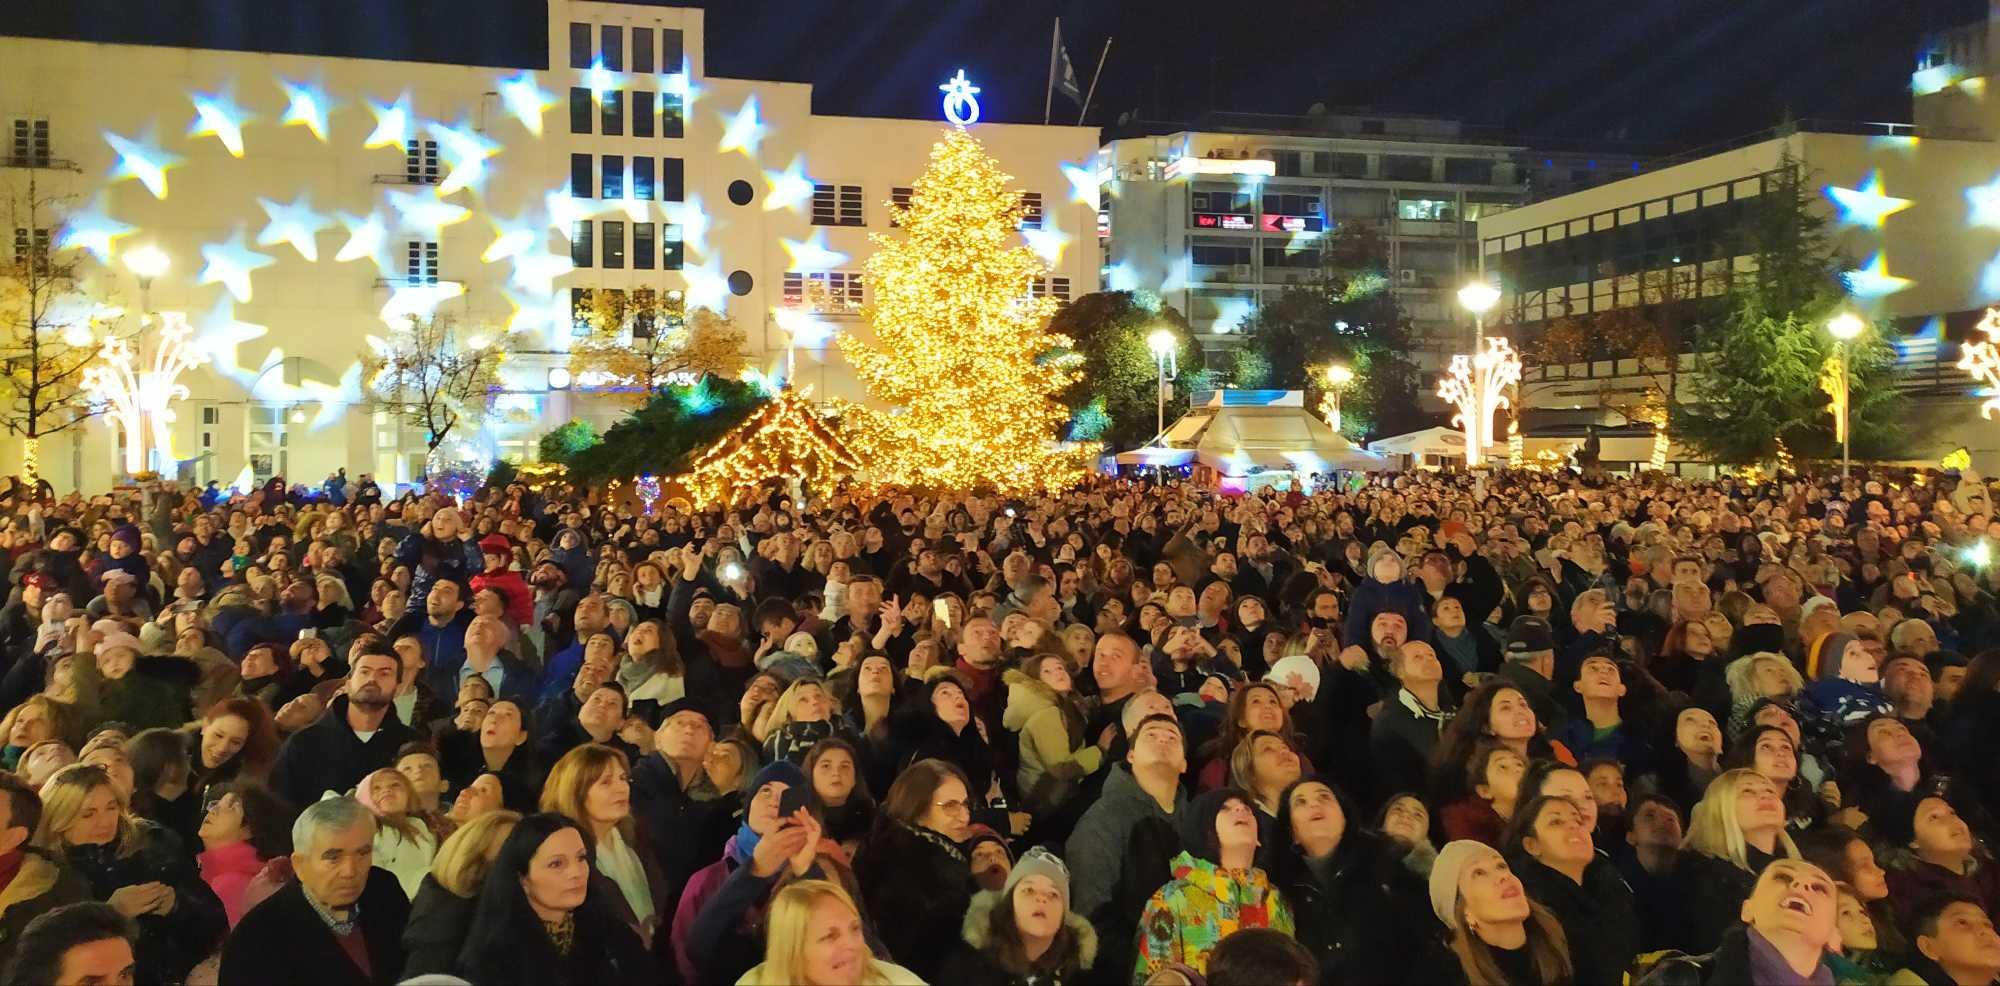 Άναψε το Χριστουγεννιάτικο Δέντρο στην Καρδίτσα (ΦΩΤΟ-VIDEO)